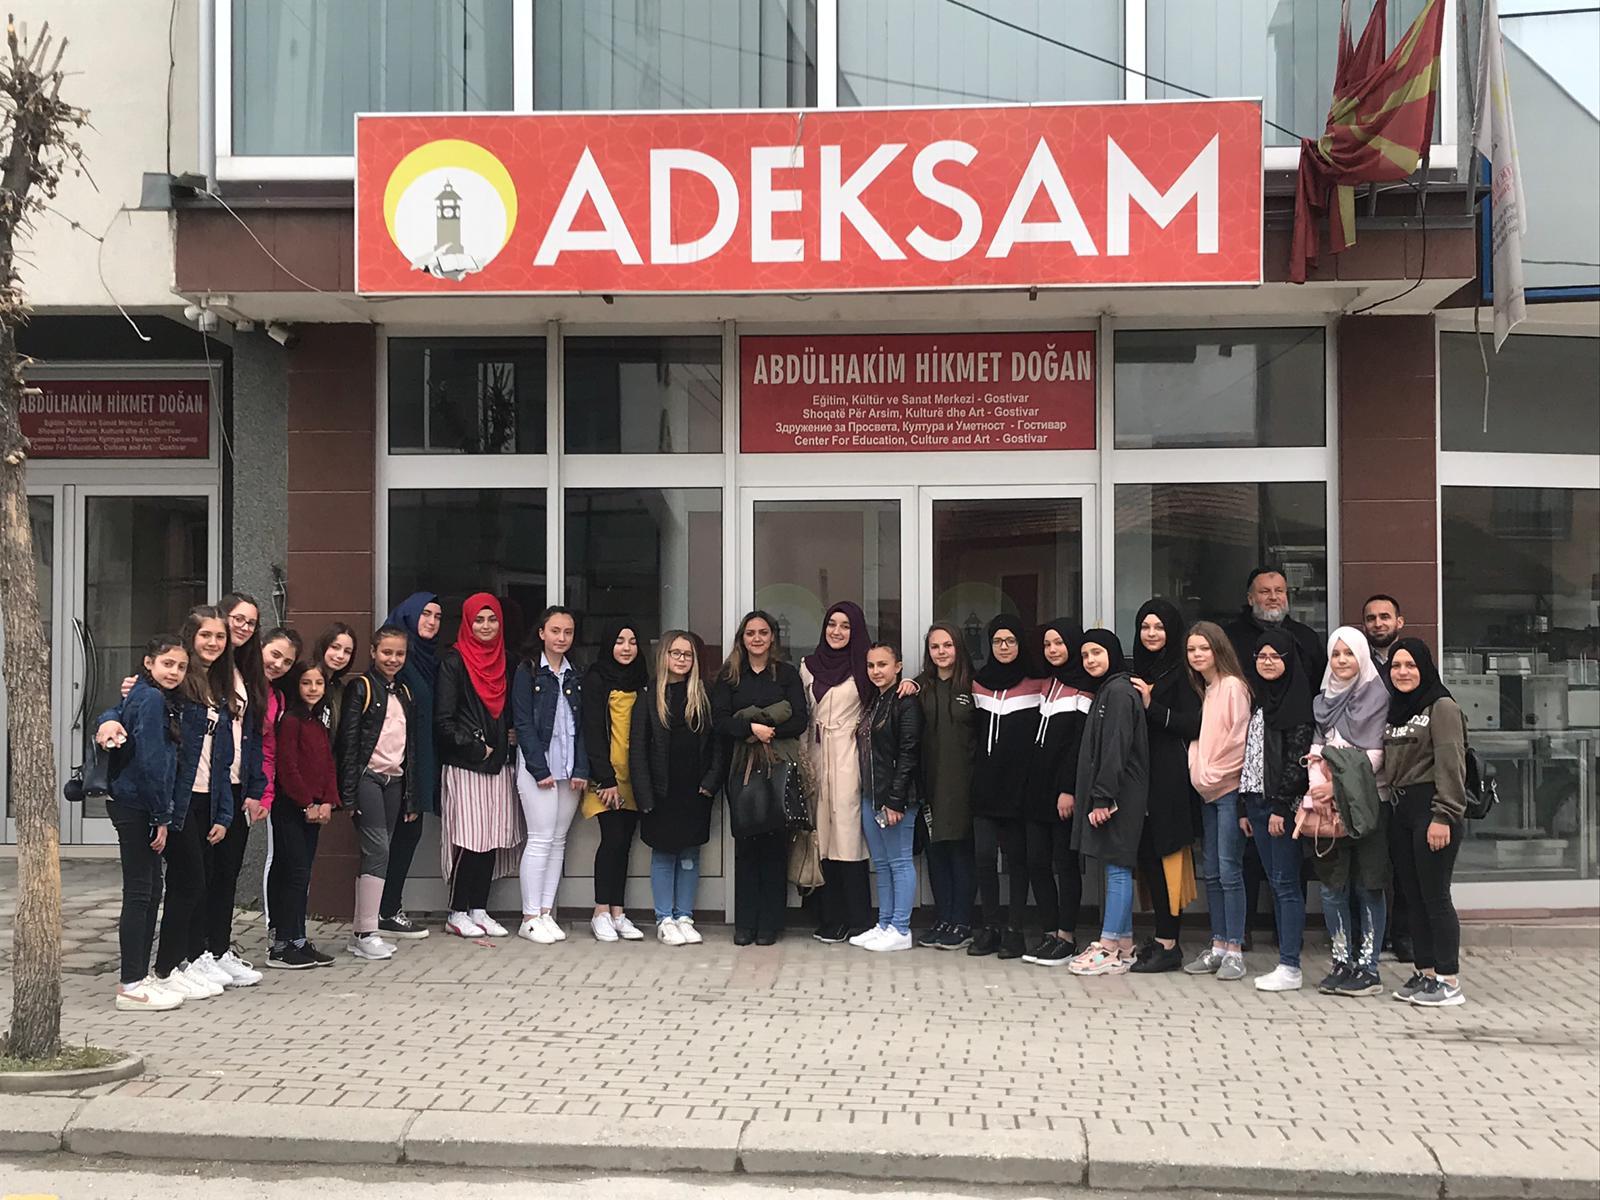 Labunşte ve Podgortsi'de Türkçe Kursuna Katılan Öğrencilerin ADEKSAM Ziyareti